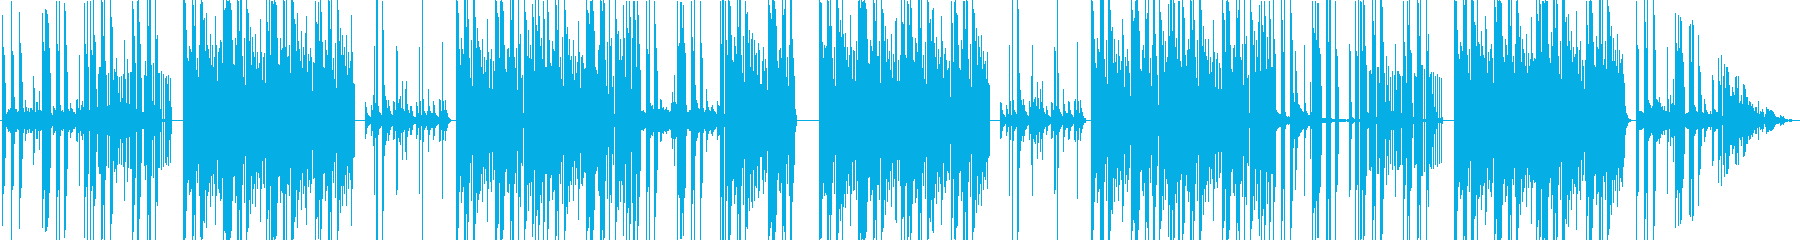 錫杖が入った和風ホラータイプビートの再生済みの波形